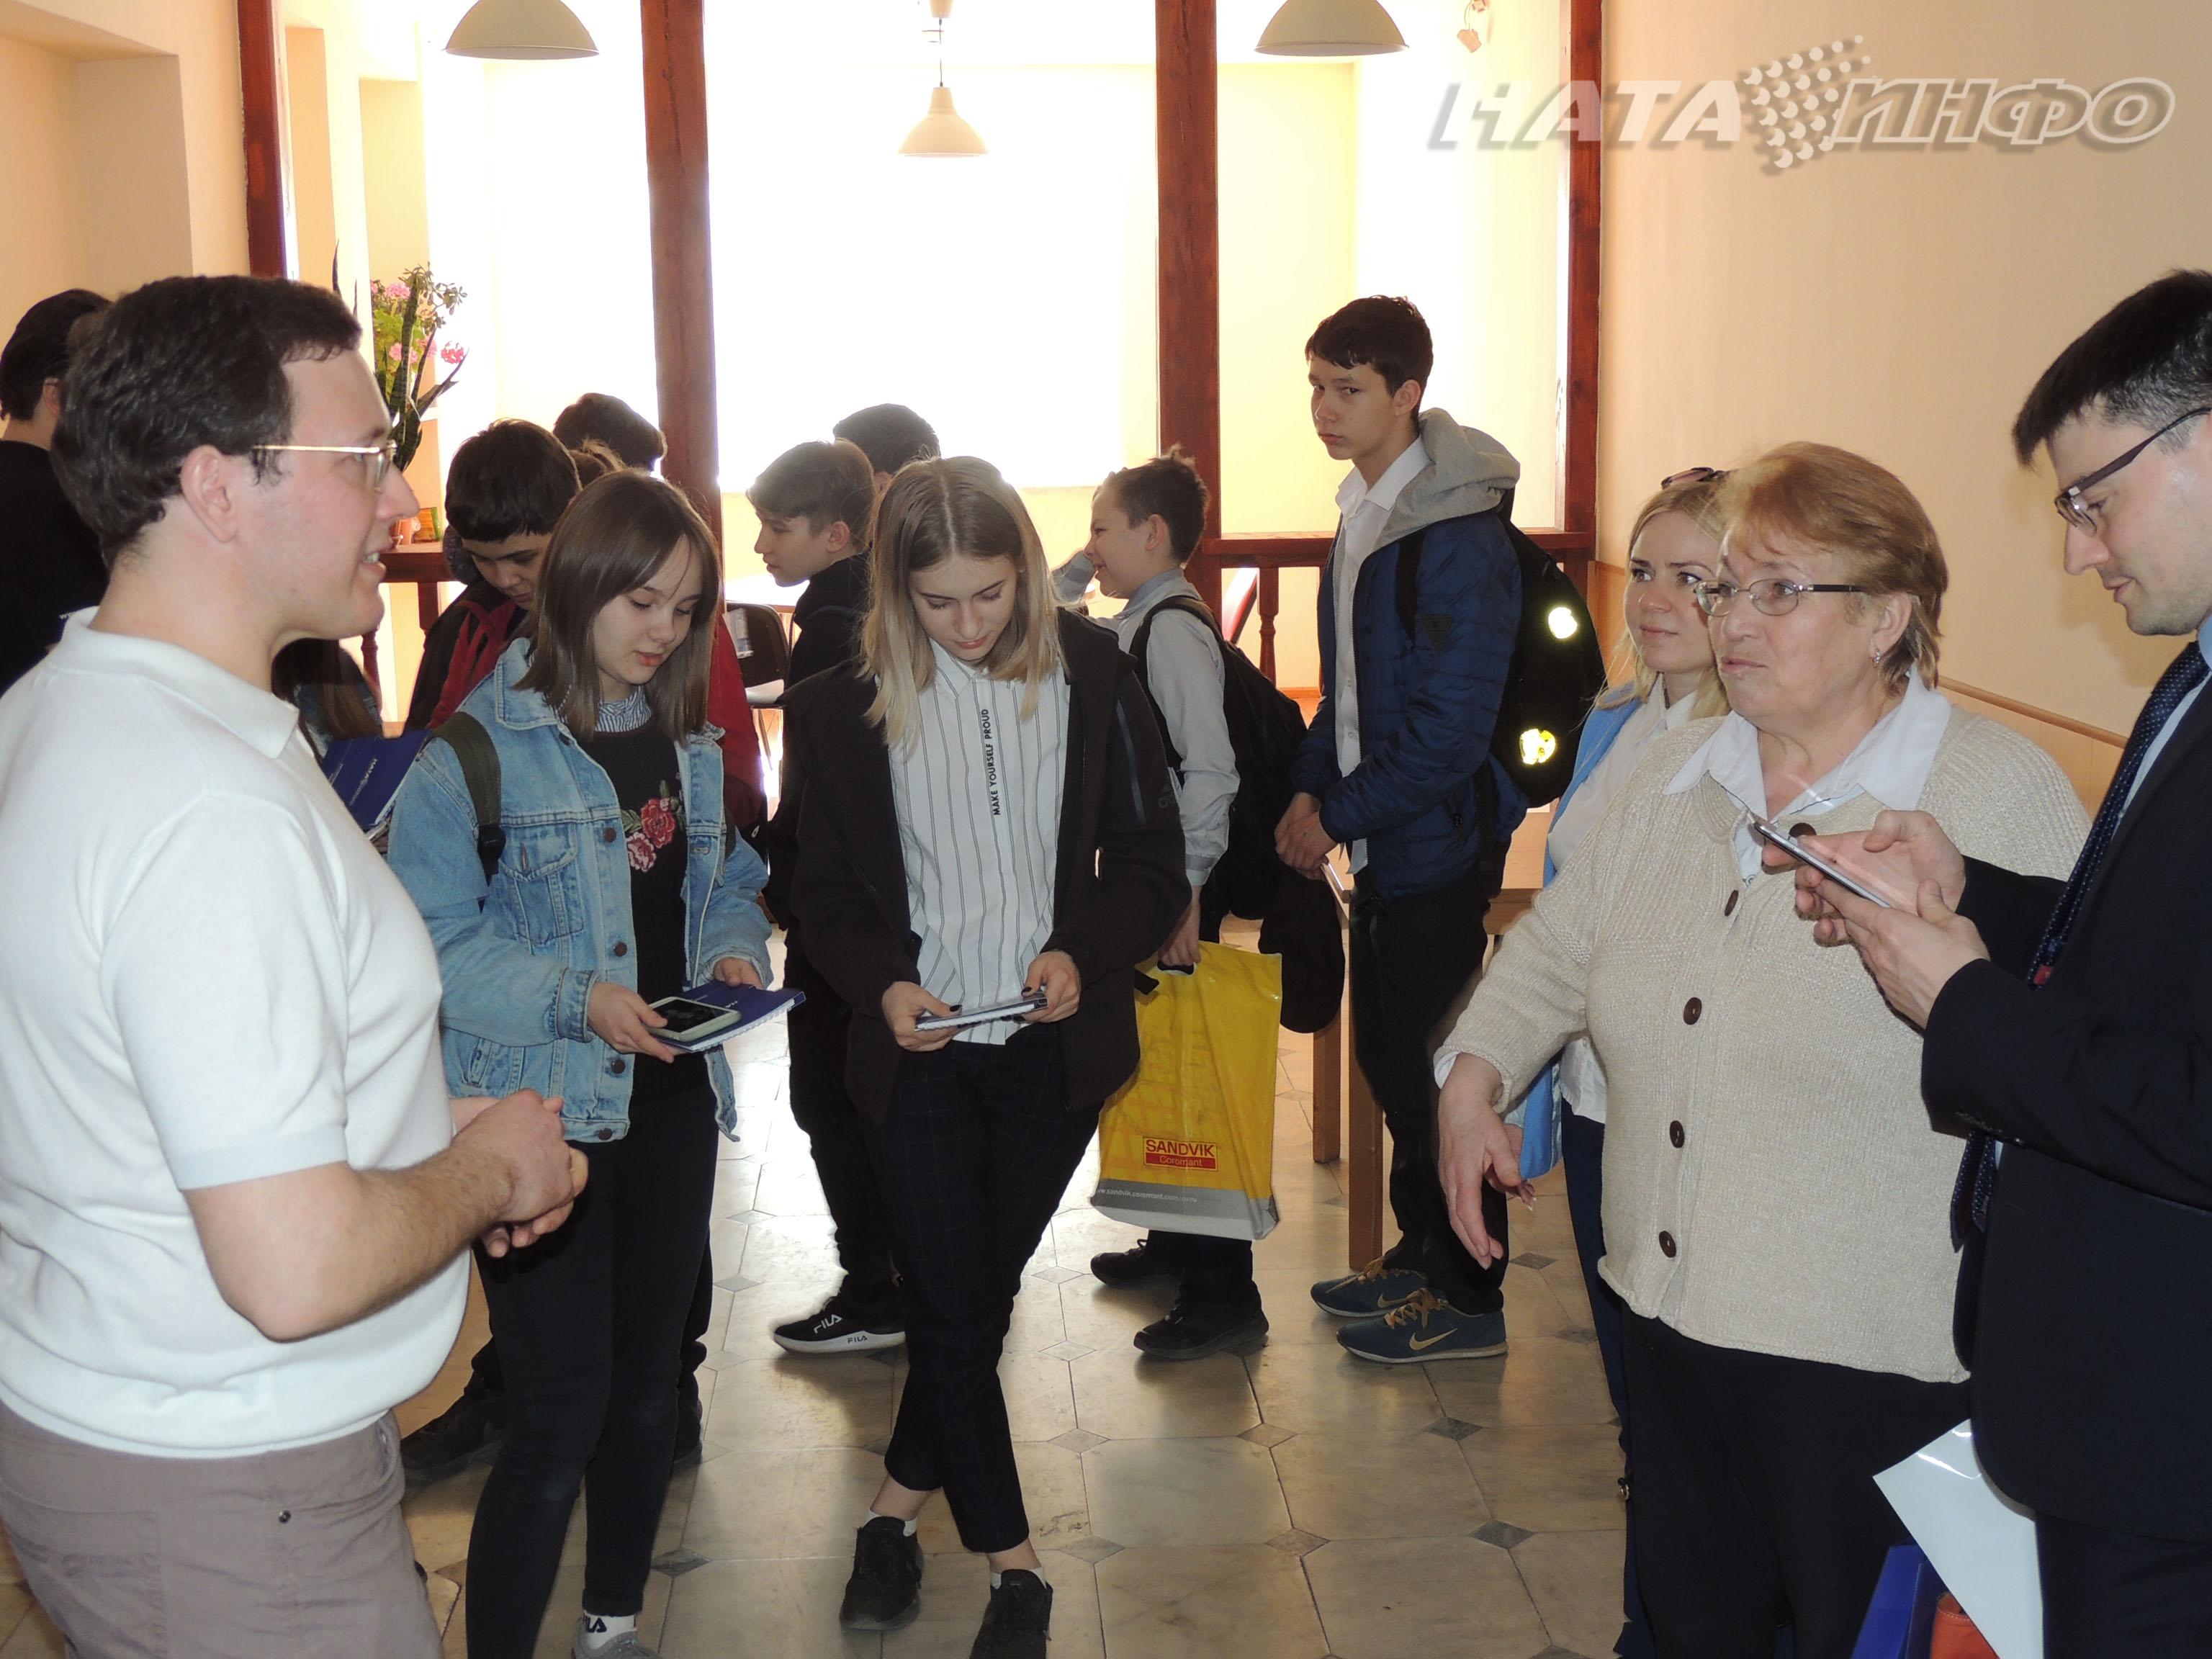 школьники Ната-Инфо светодиодный экран Йошкар-Ола